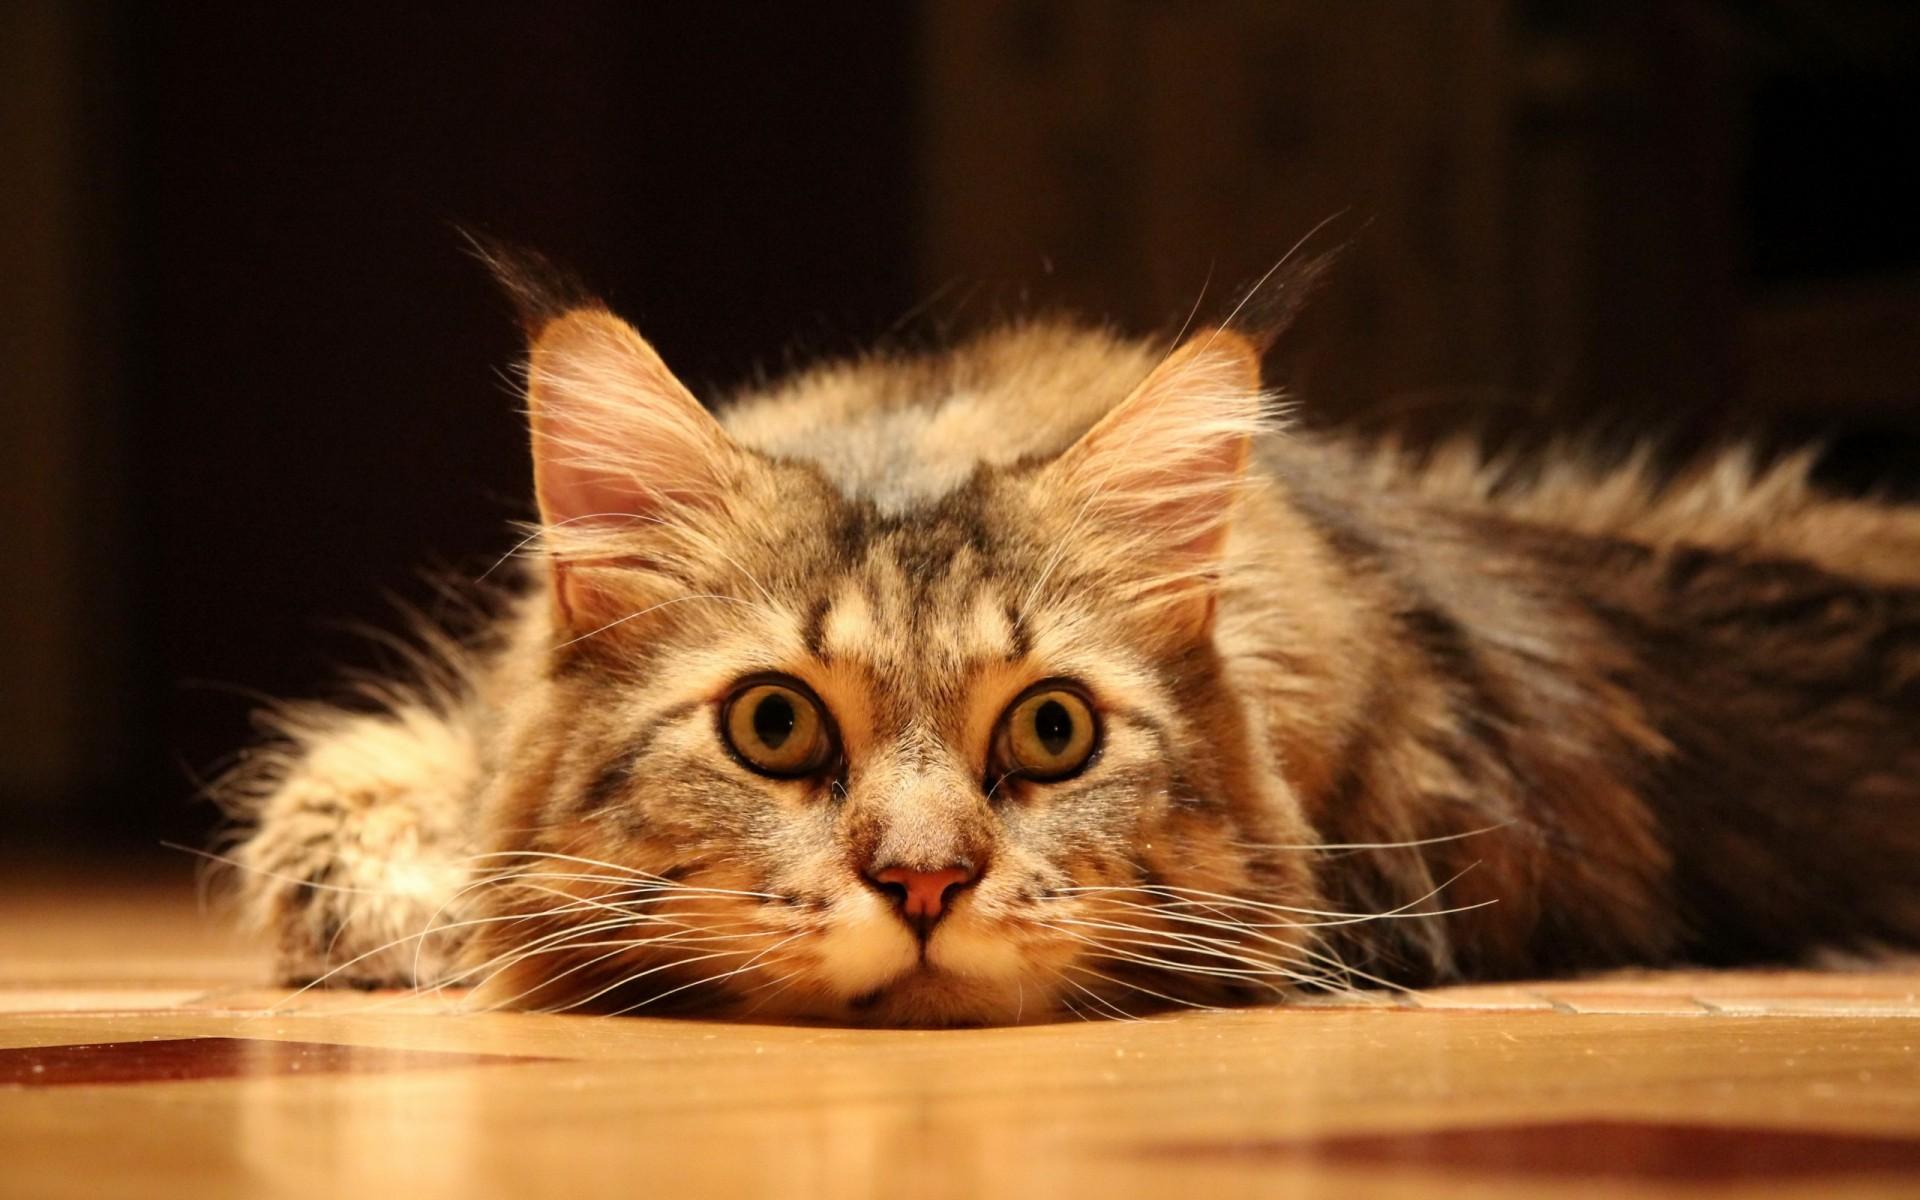 кошки фото красивые и смешные сам корпус внутреннее